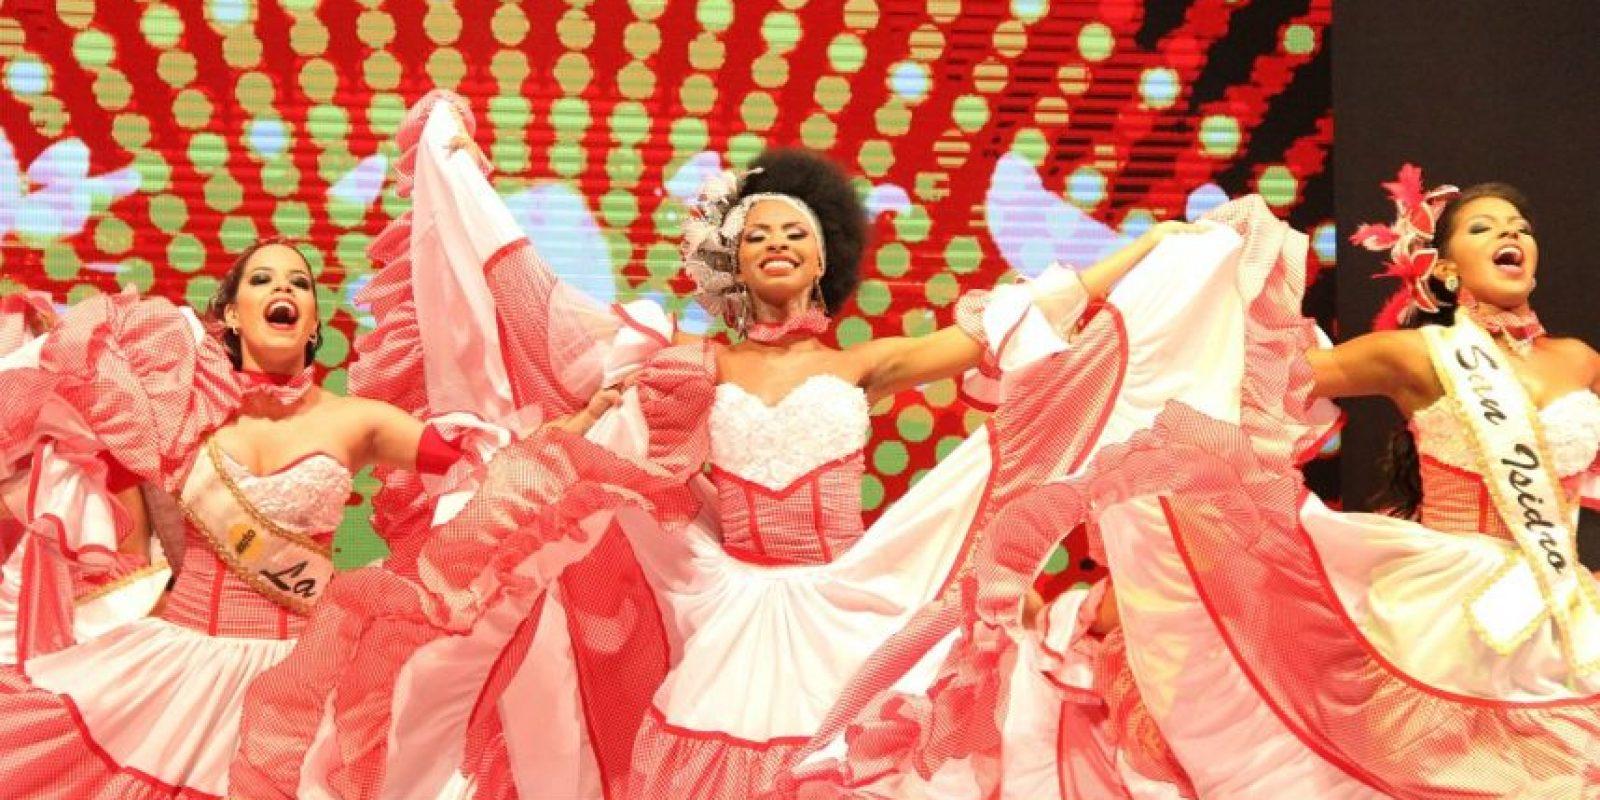 La nueva Soberana de Reina de Reinas María Fernanda Iriarte hizo parte del grupo de reinas que bailaron cumbia. Foto:Carnaval S.A.